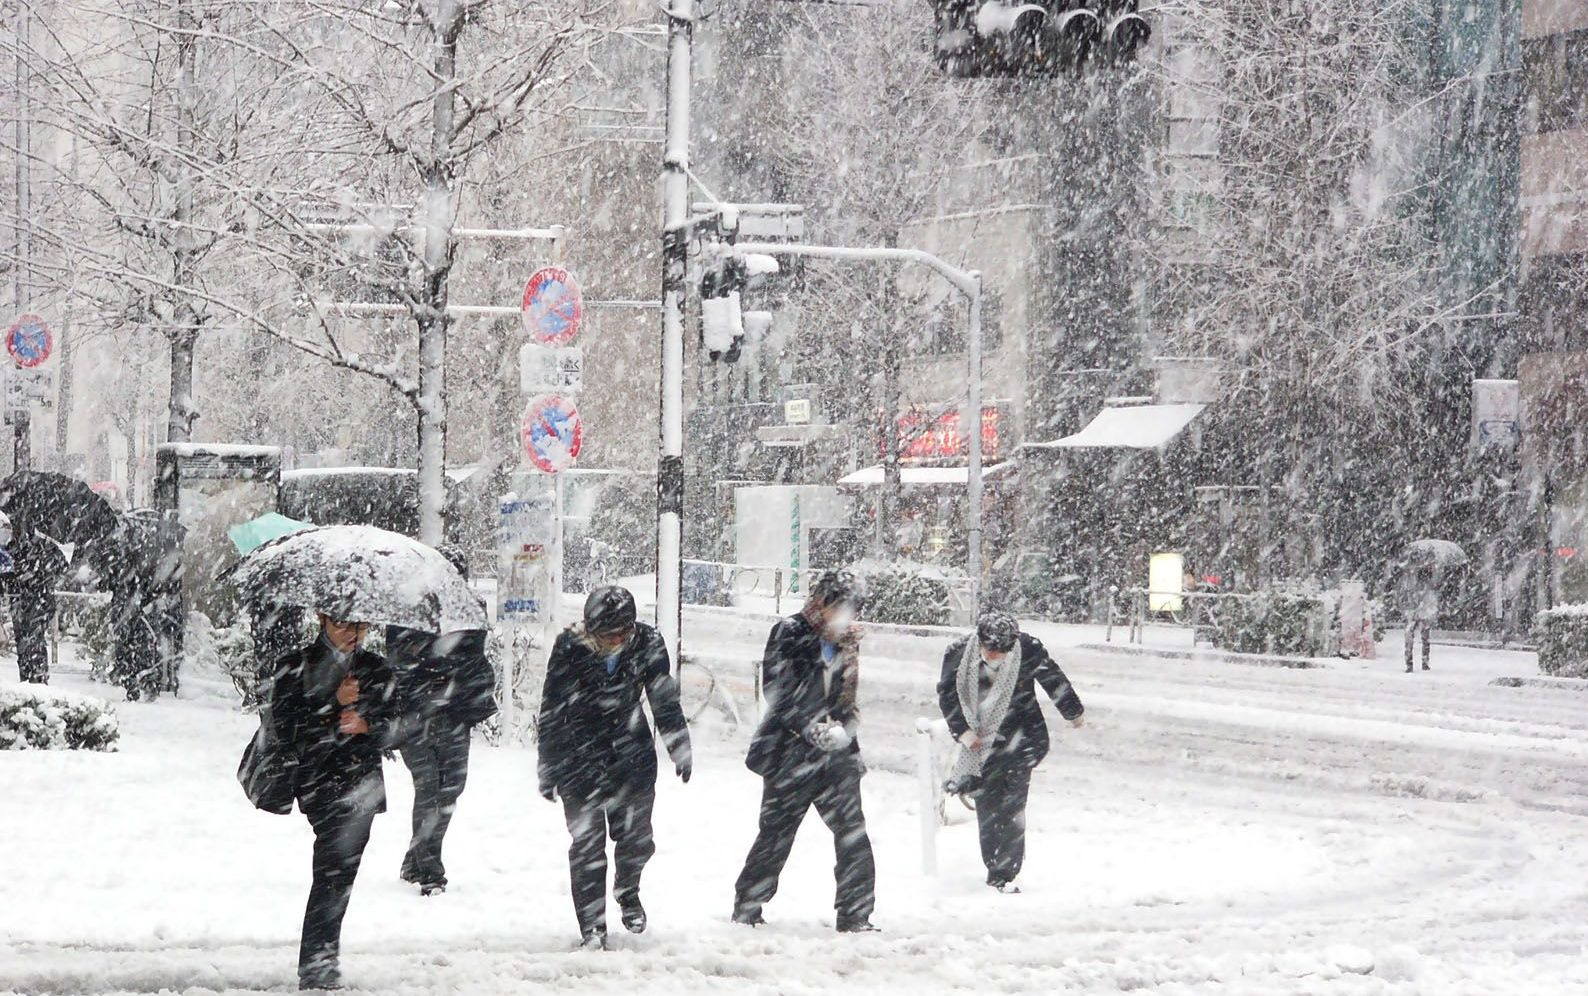 Hình ảnh ngày tuyết rơi